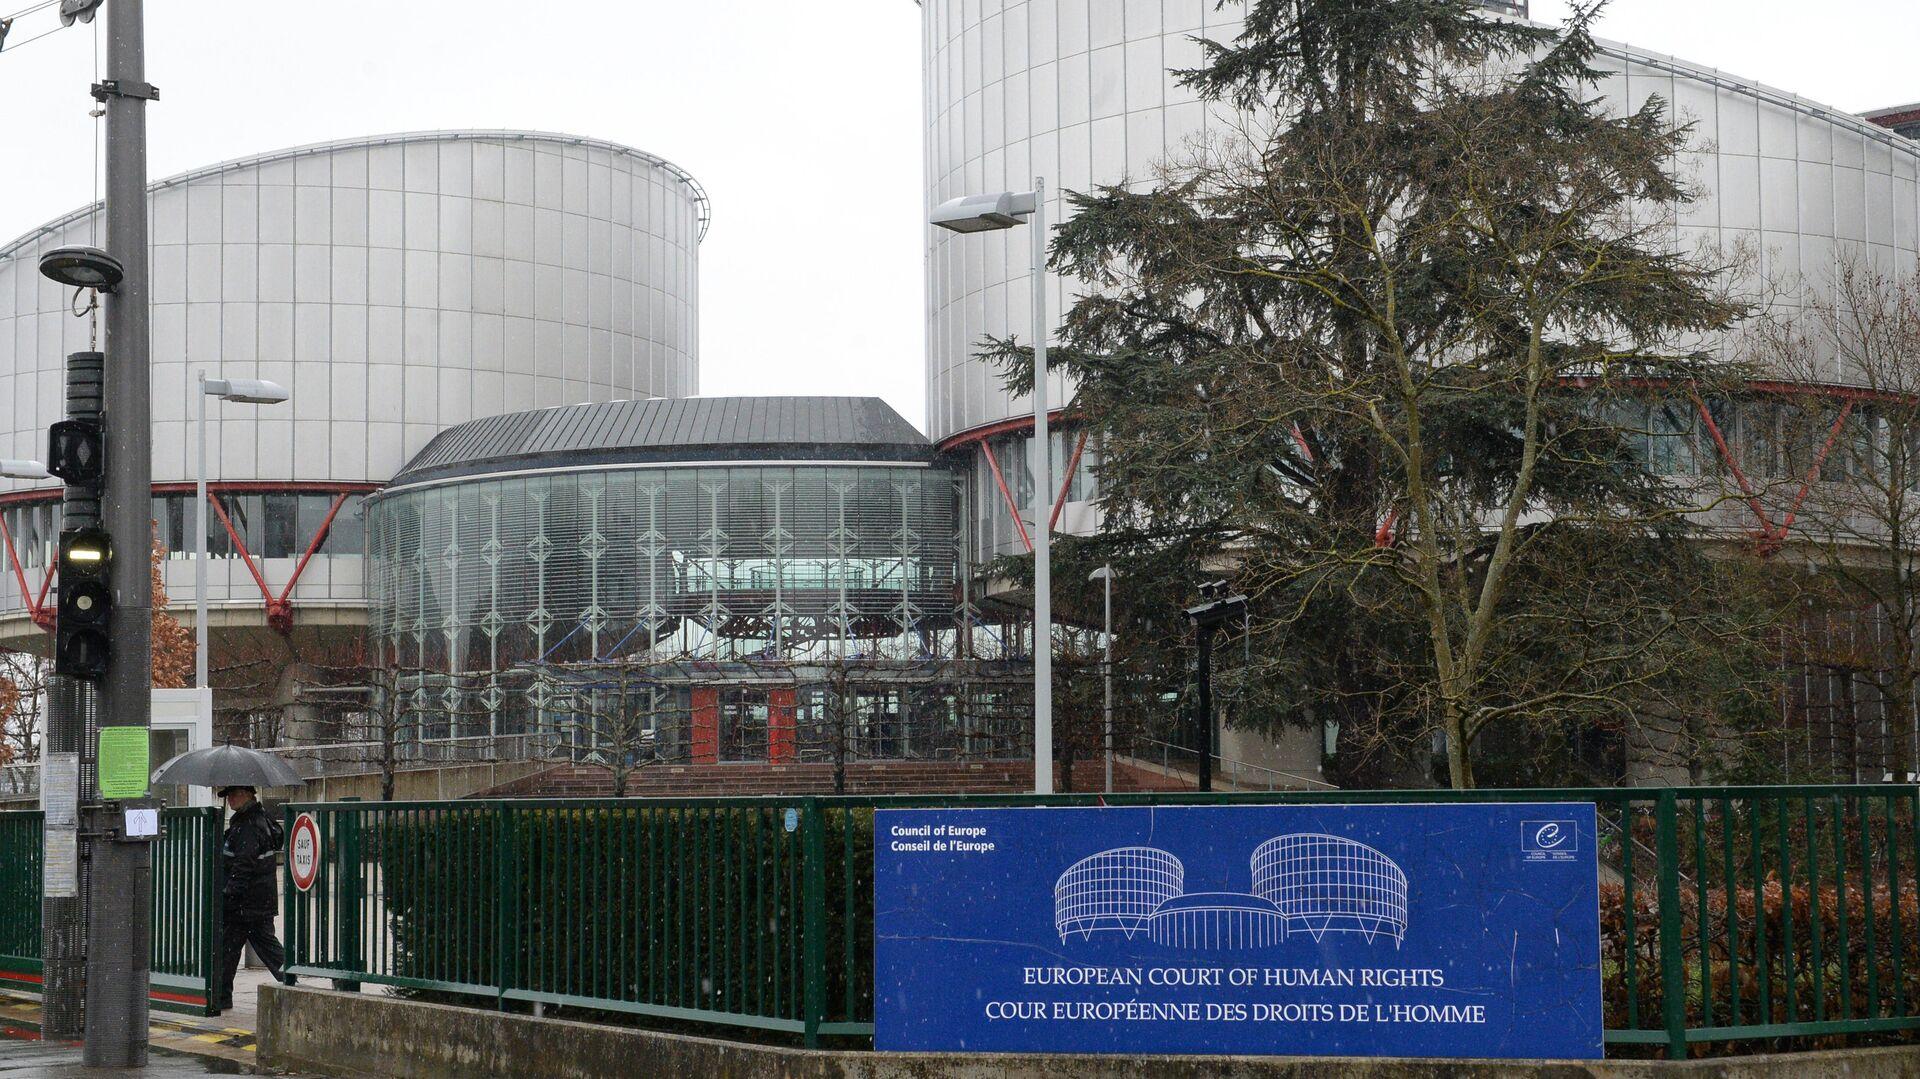 Дворец прав человека в Страсбурге, в здании которого расположен Европейский суд по правам человека - РИА Новости, 1920, 23.07.2021